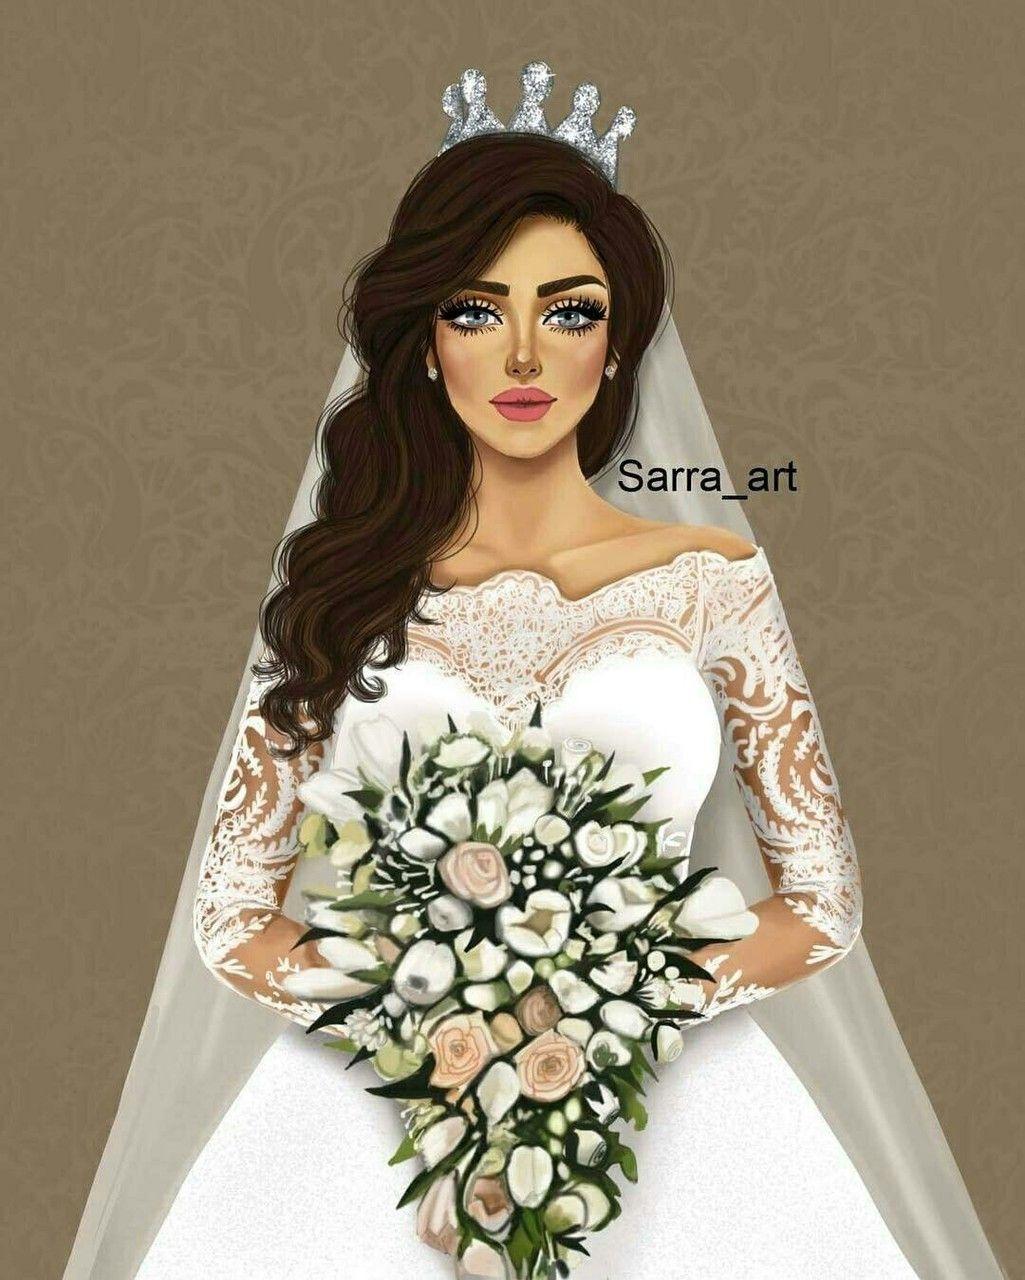 Image Decouverte Par Zouzou Decouvrez Et Enregistrez Vos Images Et Videos Sur We Heart It Wedding Drawing Cute Girl Drawing Cartoon Girl Images